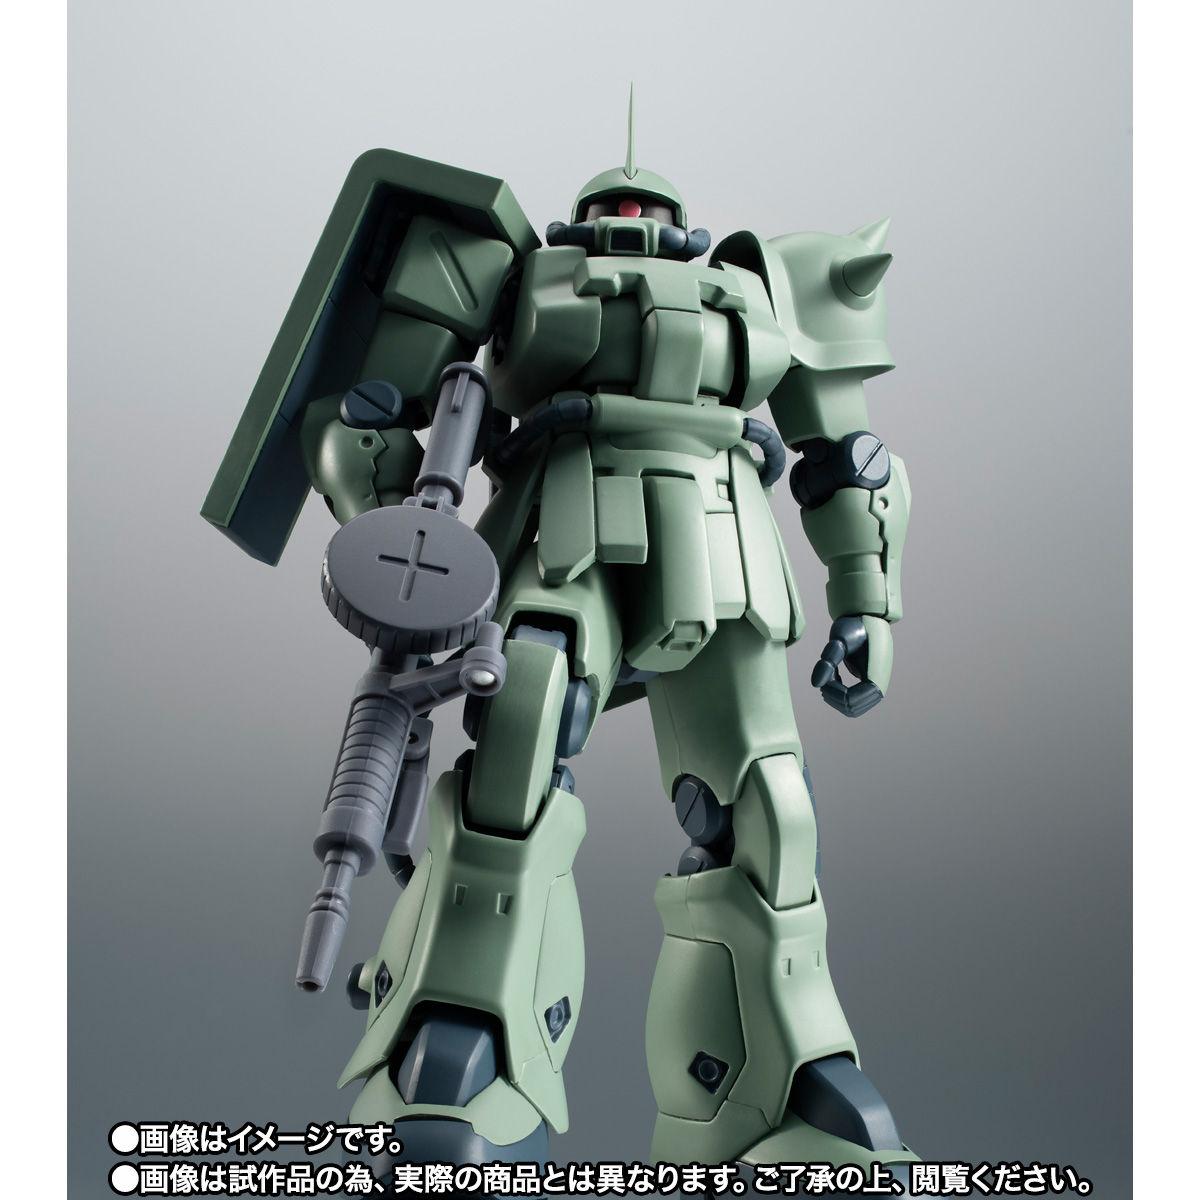 【限定販売】ROBOT魂〈SIDE MS〉『MS-06F-2 ザクII F2型(ノイエン・ビッター)ver. A.N.I.M.E.』ガンダム0083 可動フィギュア-007